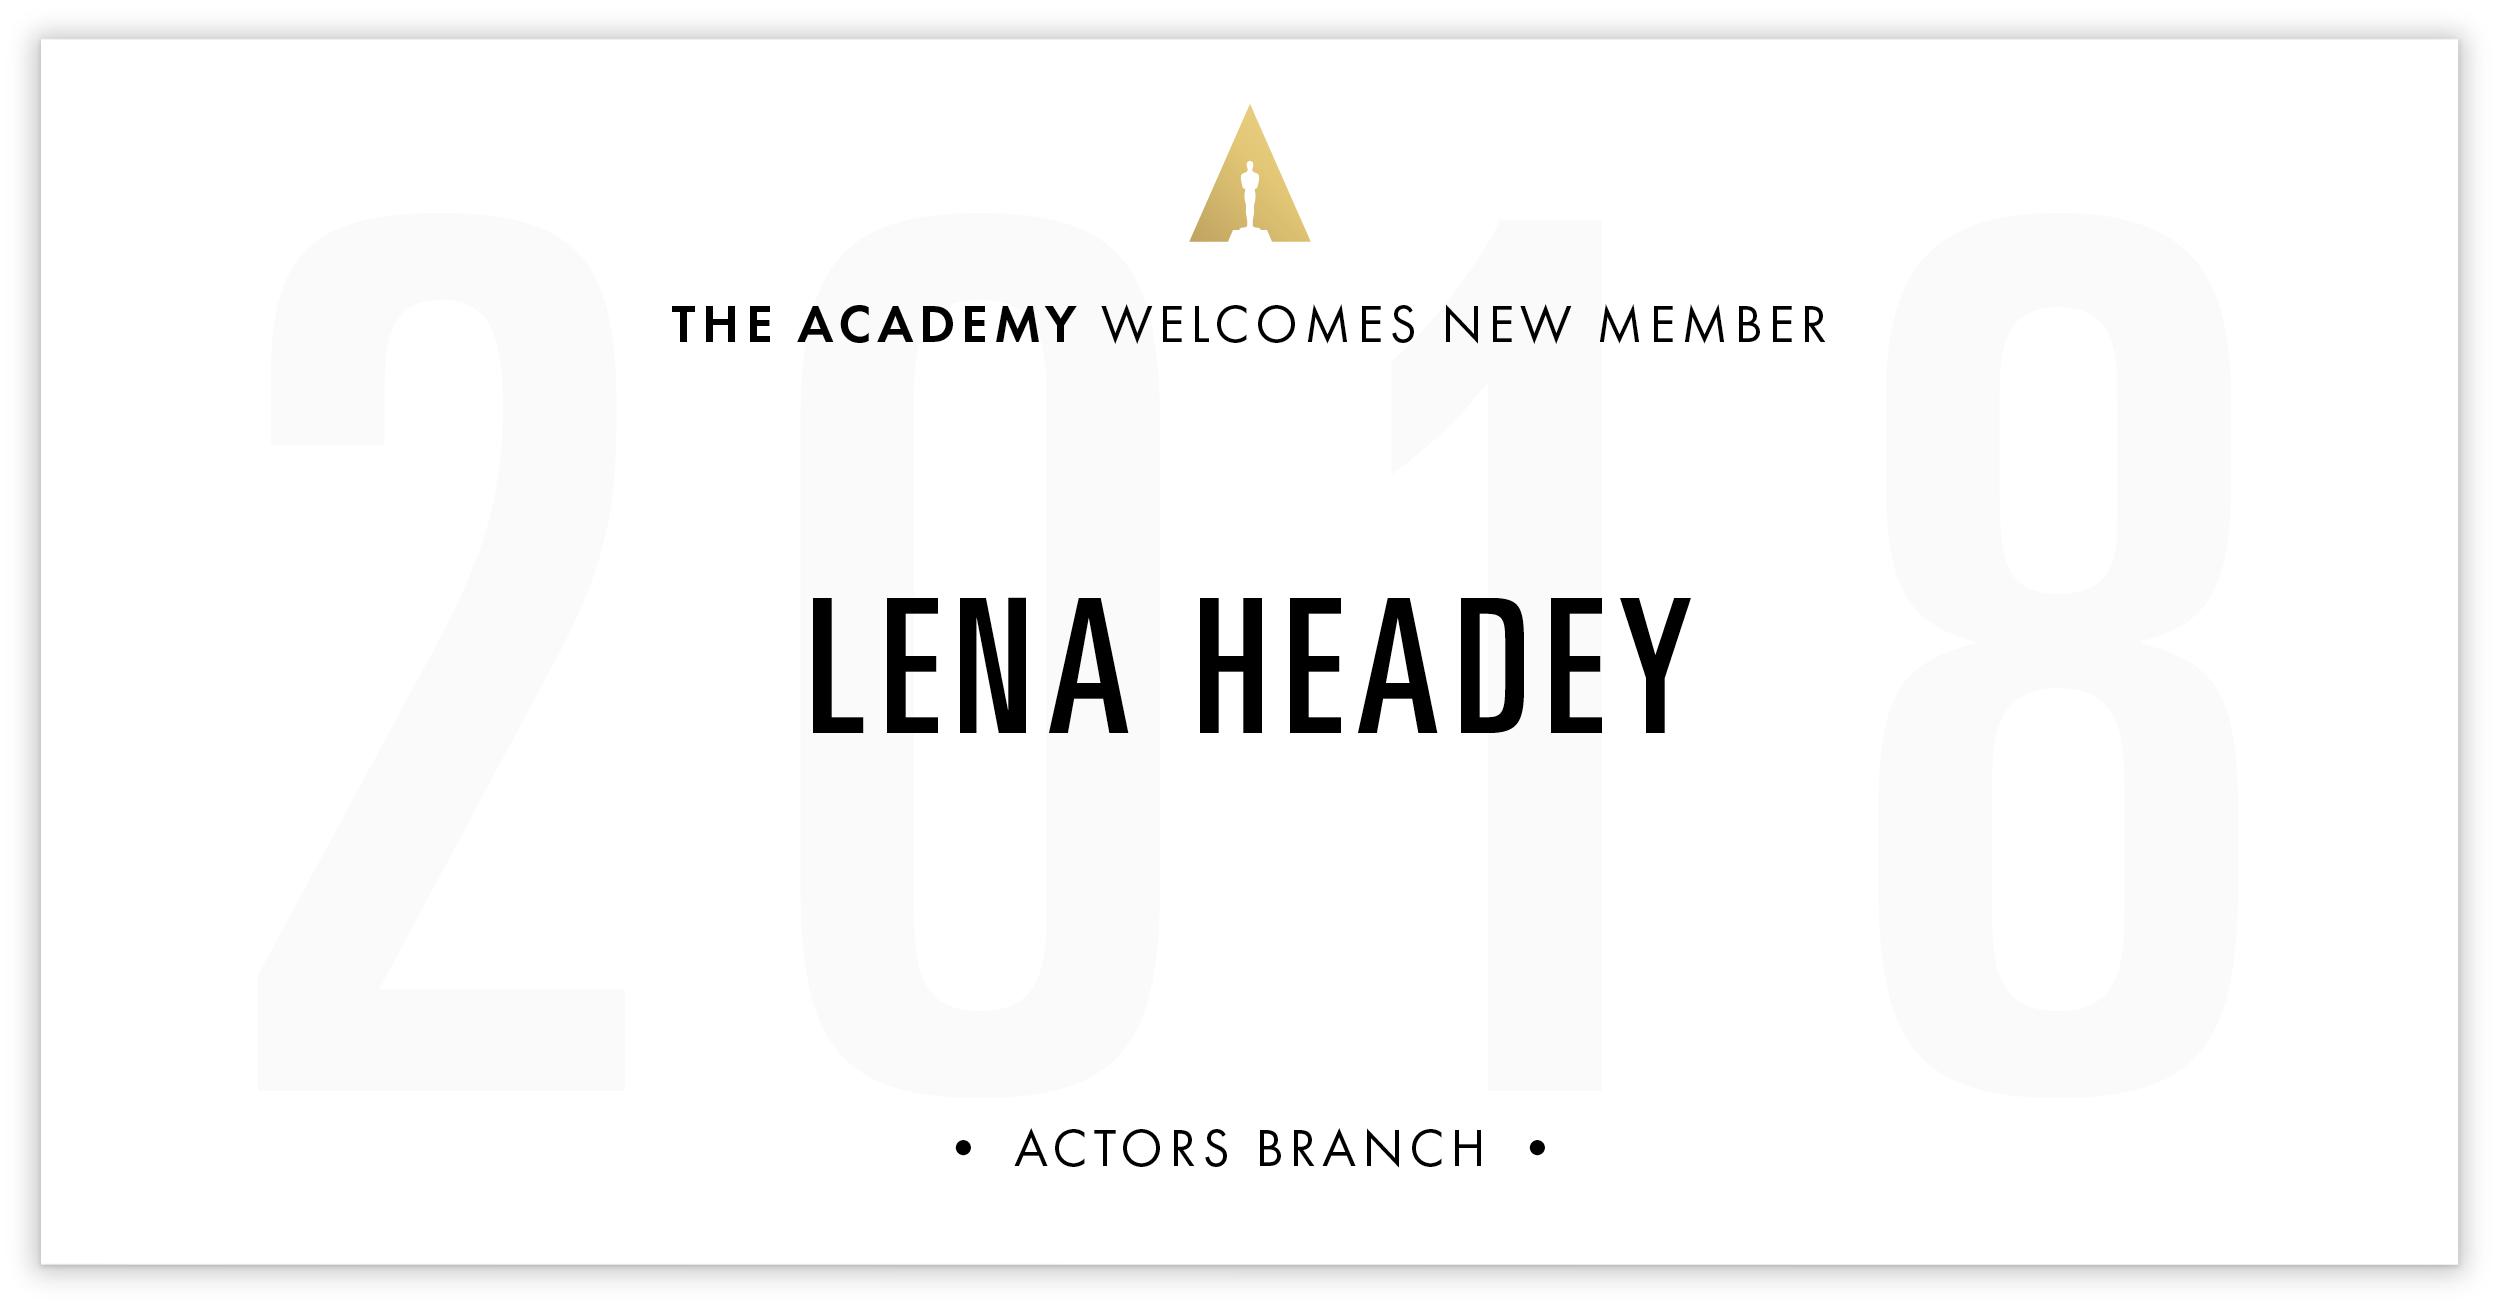 Lena Headey is invited!